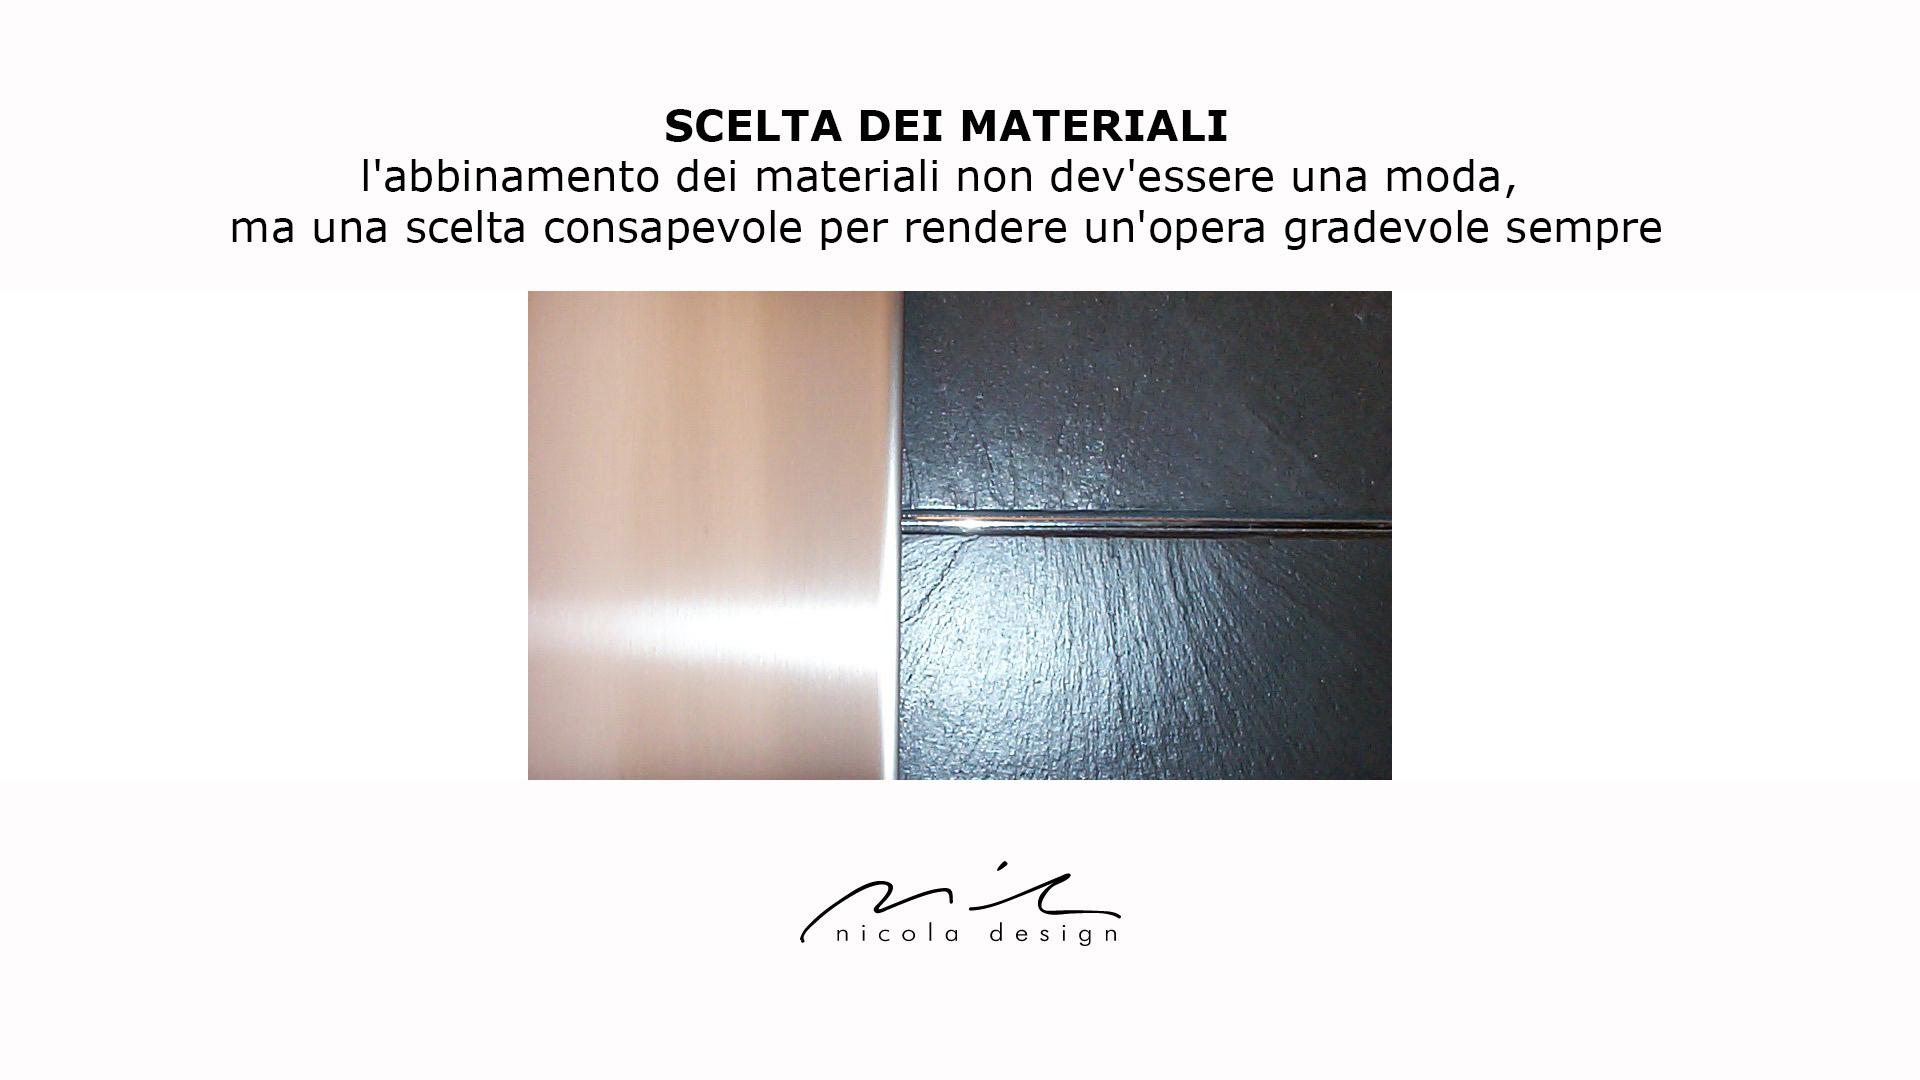 ardesia, acciaio, cromatura; l'abbinamento dei materiali non dev'essere una moda, ma una scelta che supera questo concetto per rendere un'opera gradevole sempre